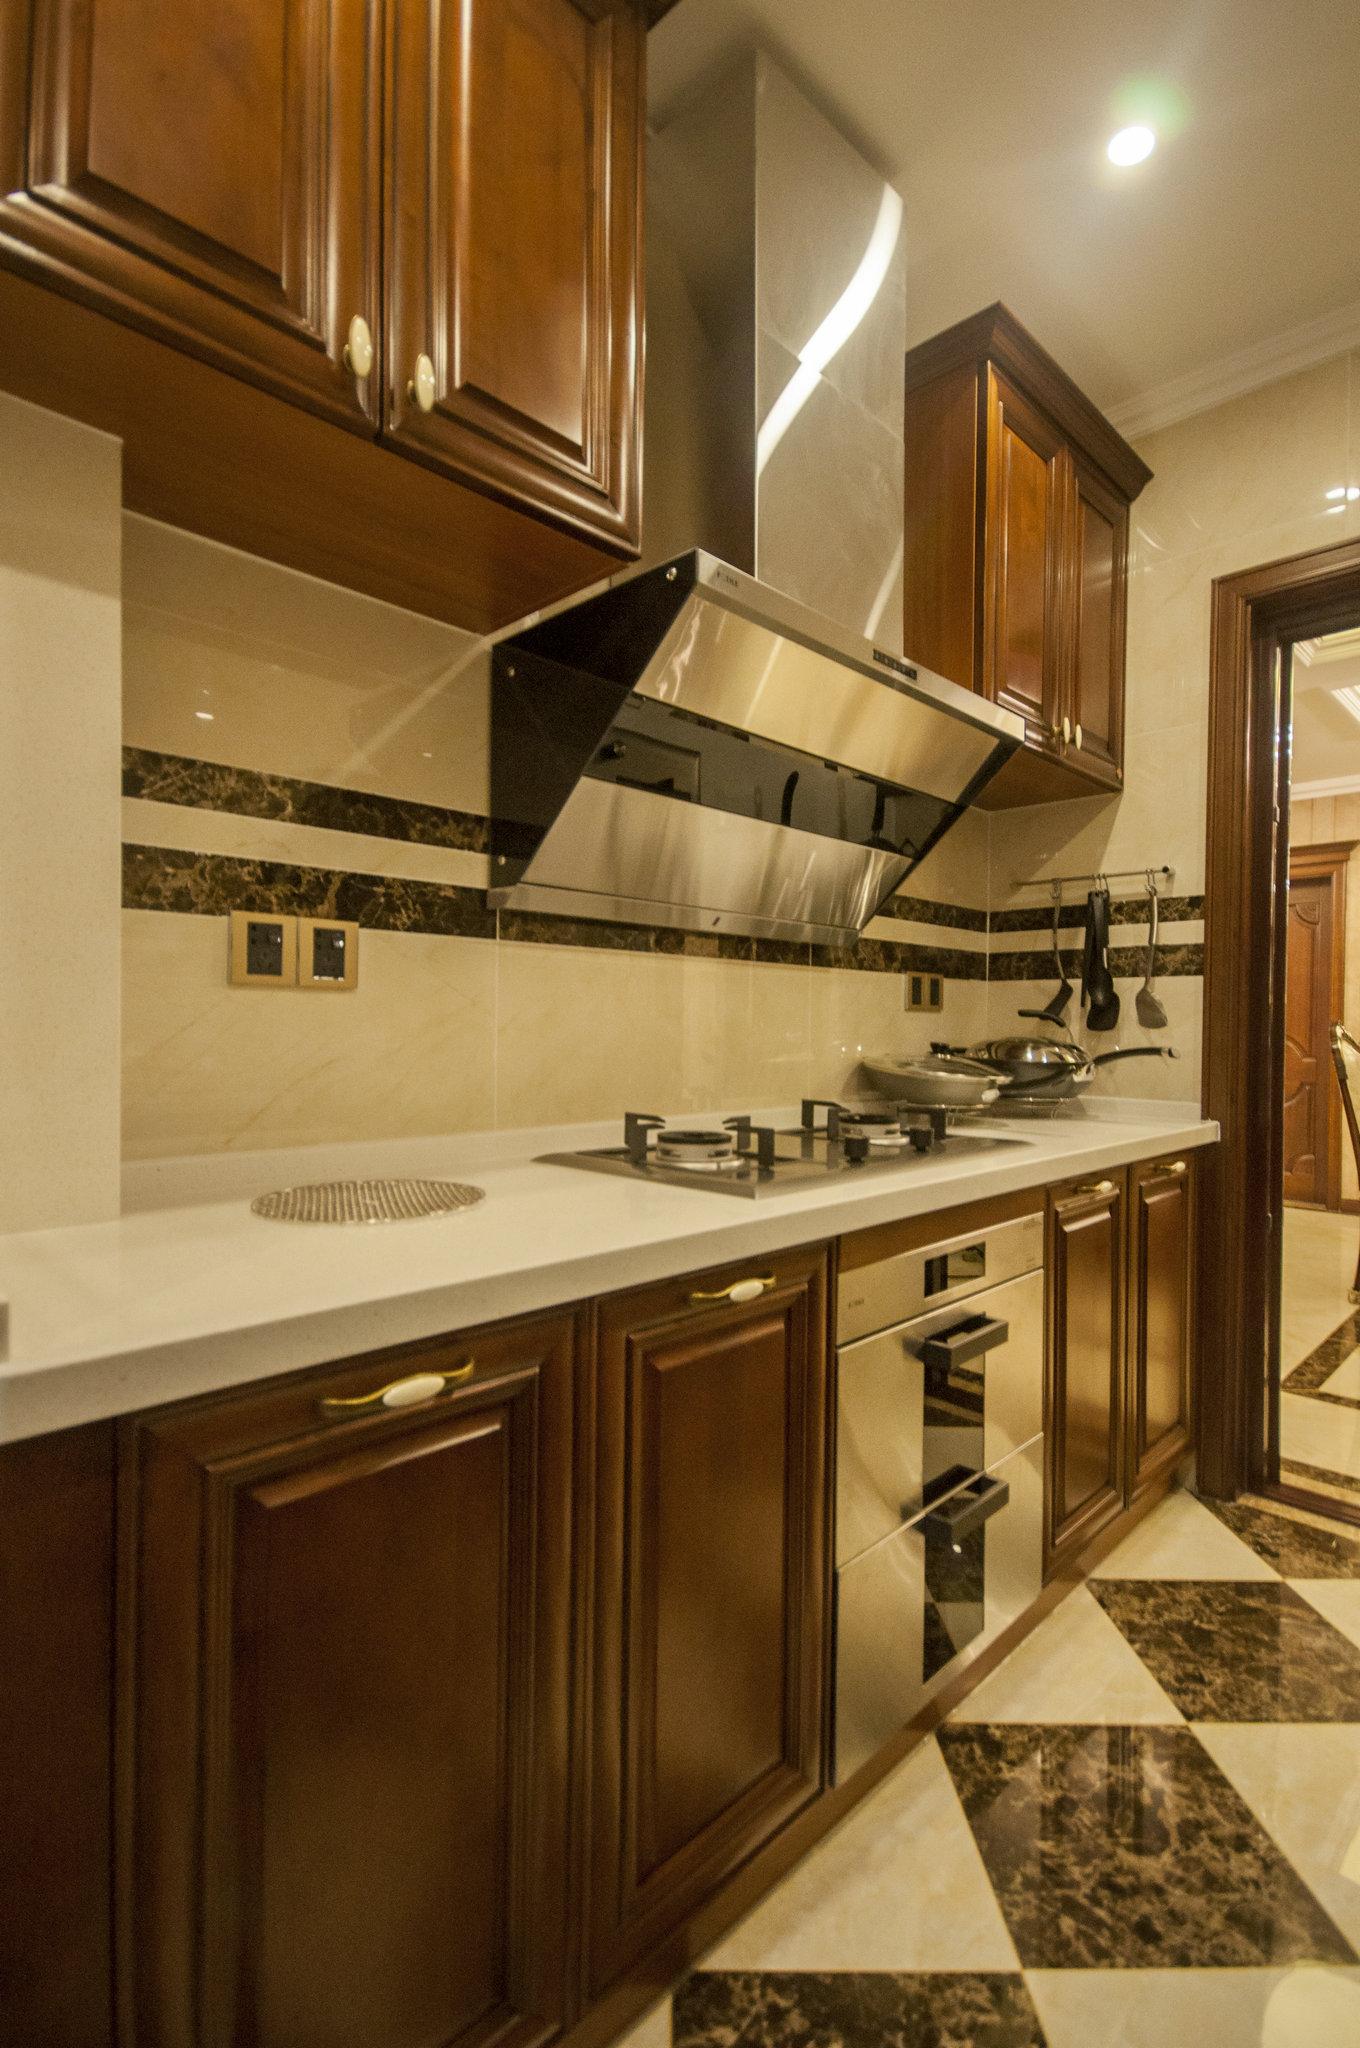 东方御花园 别墅装修 中式风格 腾龙设计 厨房图片来自腾龙设计在东方御花园别墅装修完工实景的分享